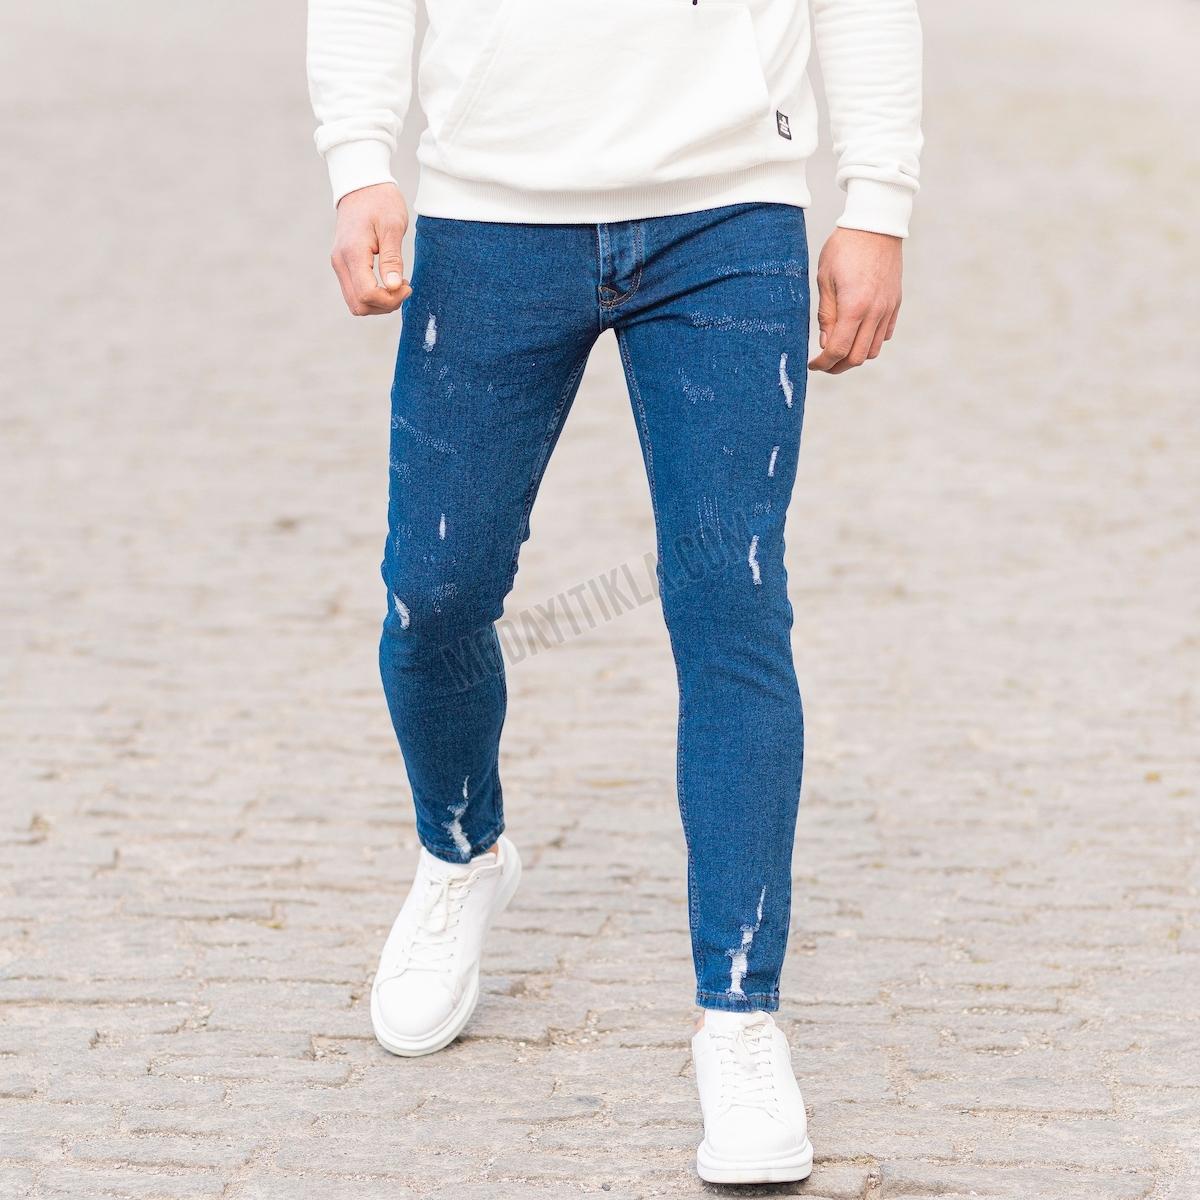 Erkek Taşlamalı Koyu Mavi Kot Pantolon